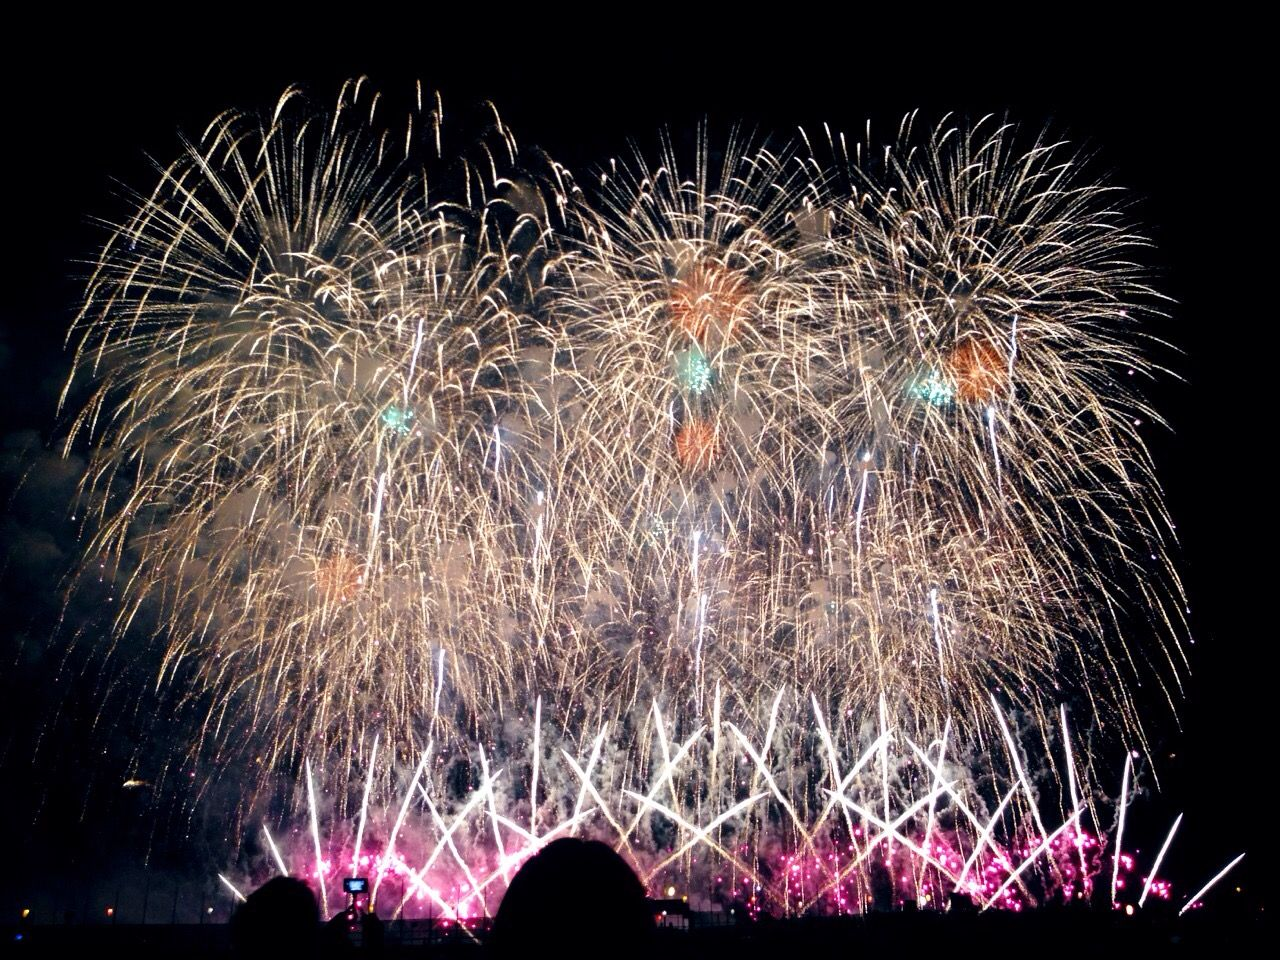 「長岡まつり大花火大会」の歴史